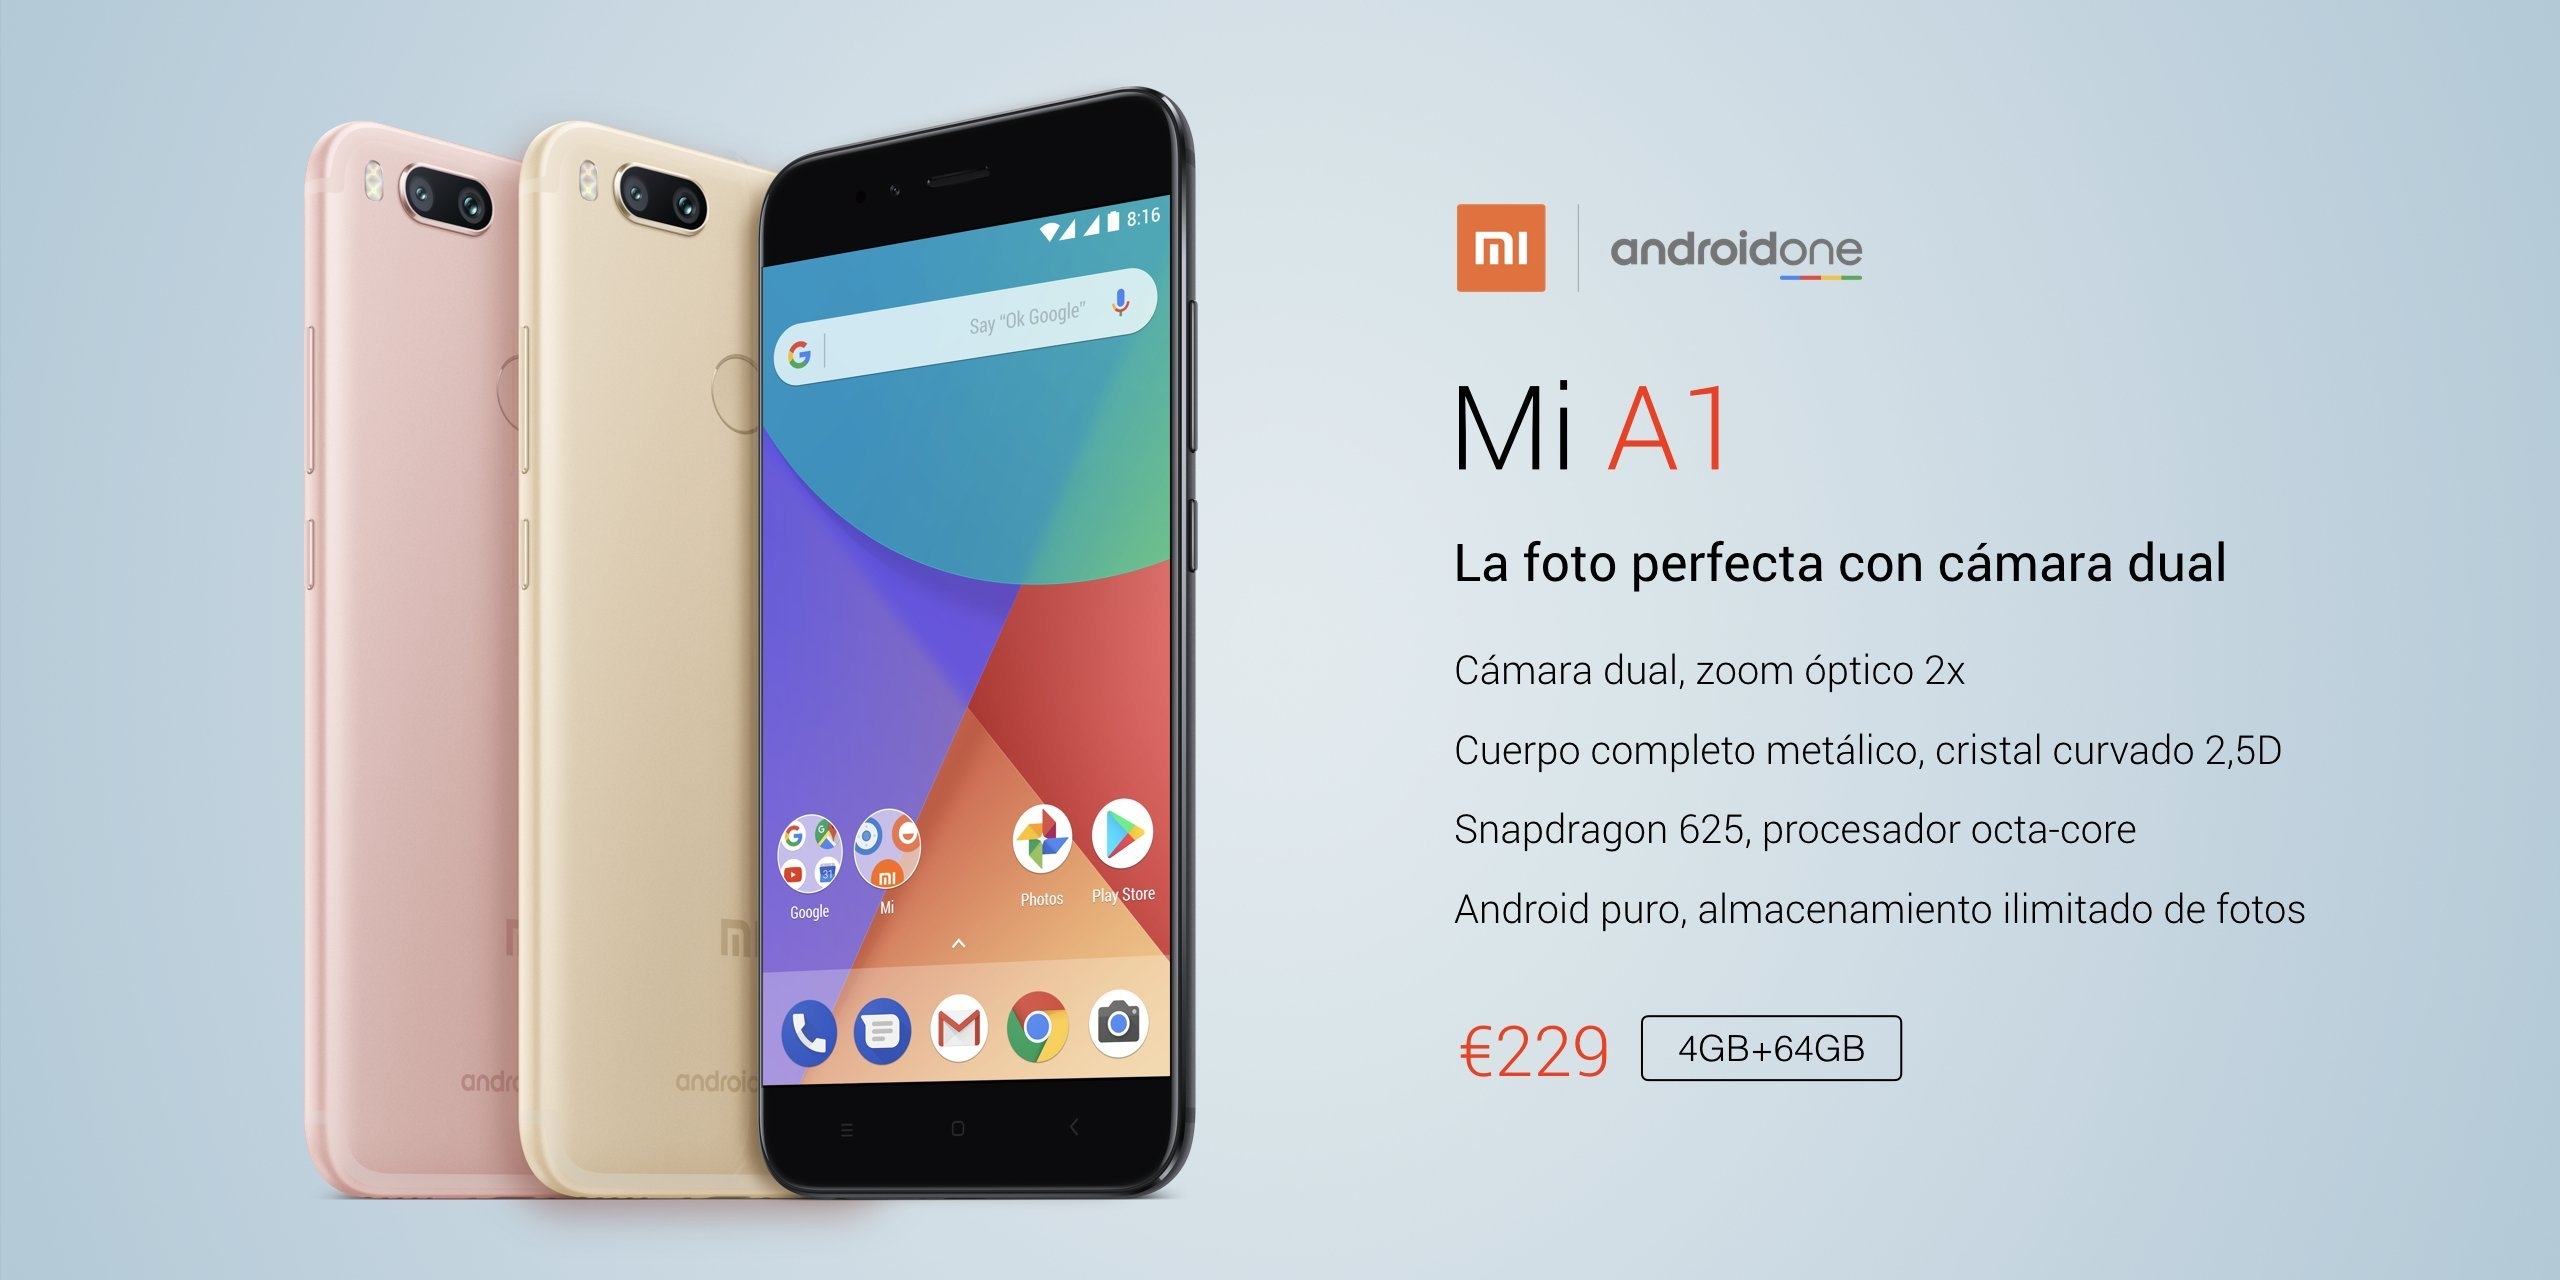 Xiaomi Mi A1, Mi Mix 2 et M365 Mijia : sont-ils moins chers en France, en Chine ou en Espagne ?